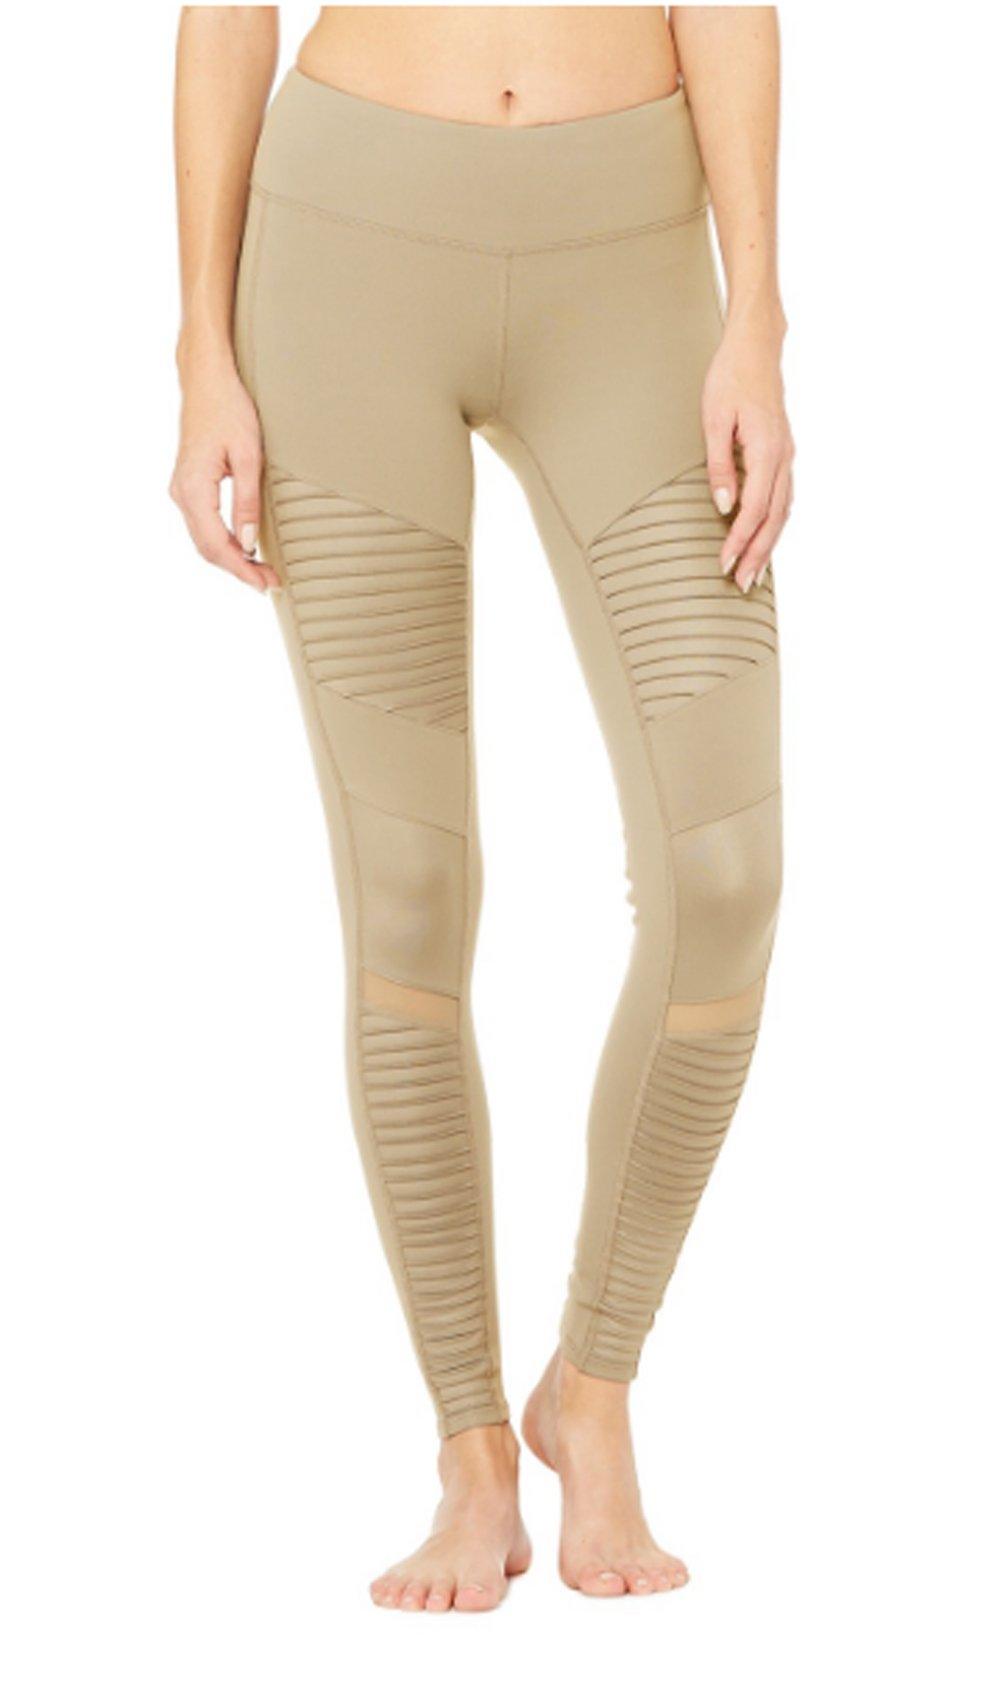 Alo Yoga Women's Moto Legging, Gravel/Gravel Glossy, S by Alo Yoga